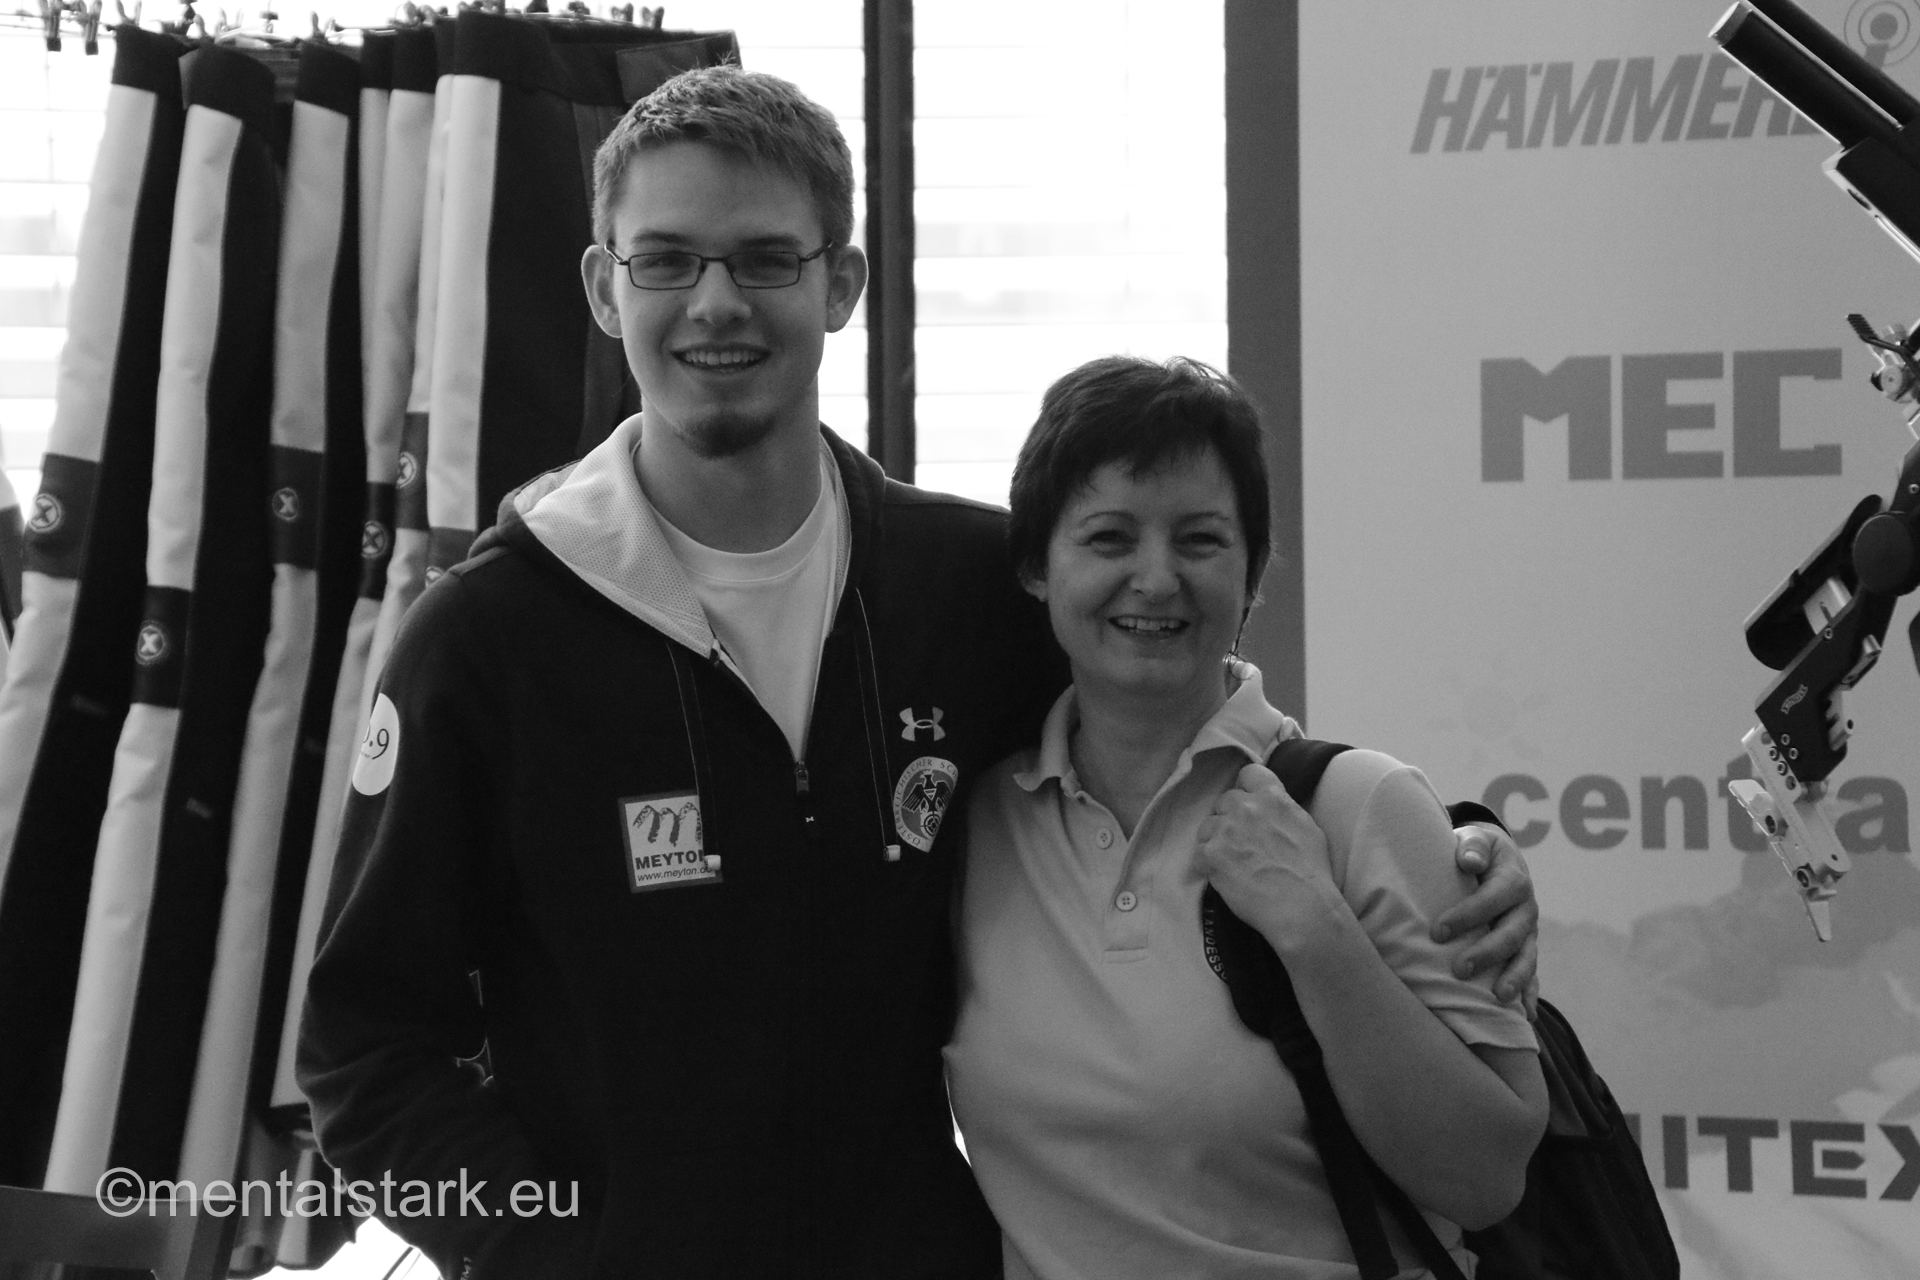 Michael Kleemann & Elisabeth Schneckenleitner